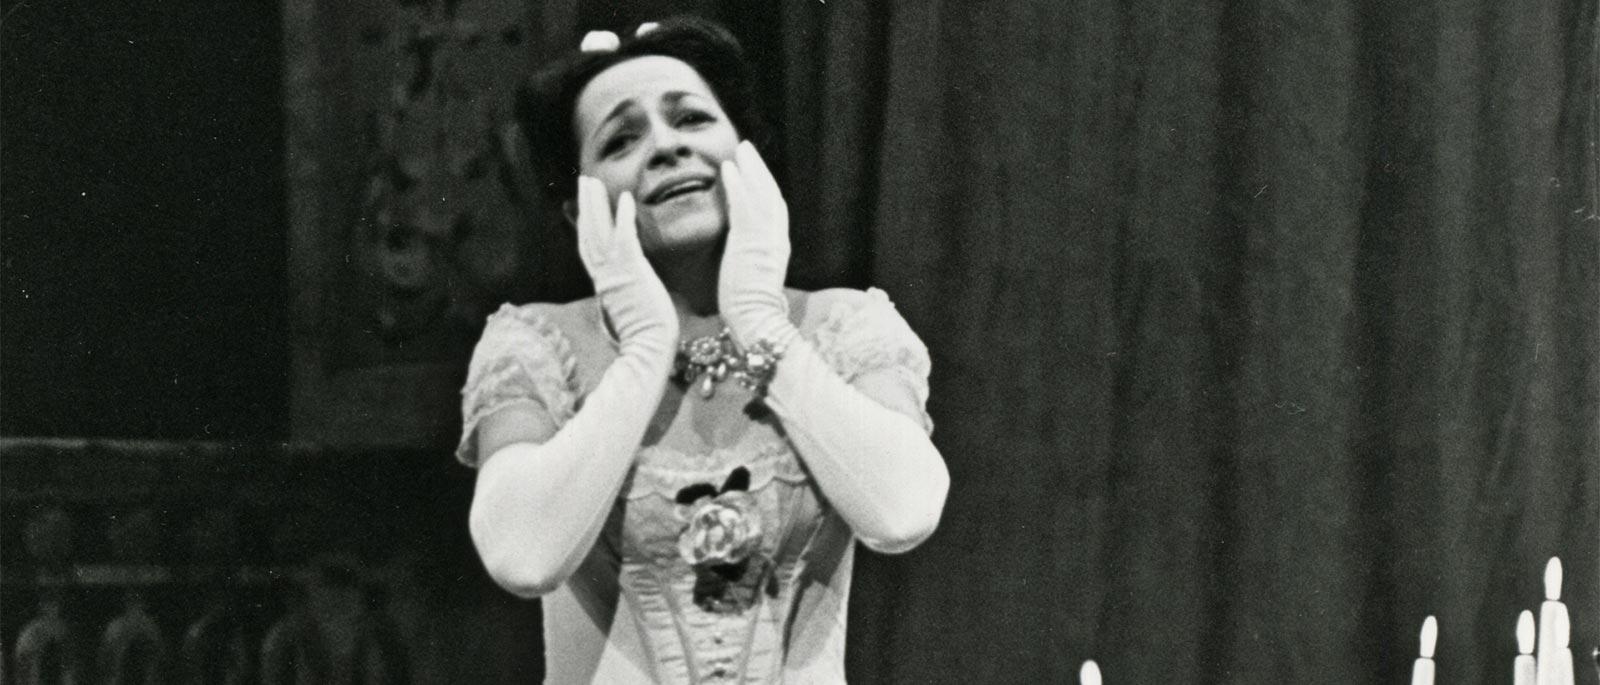 La Traviata 1600x685.jpg